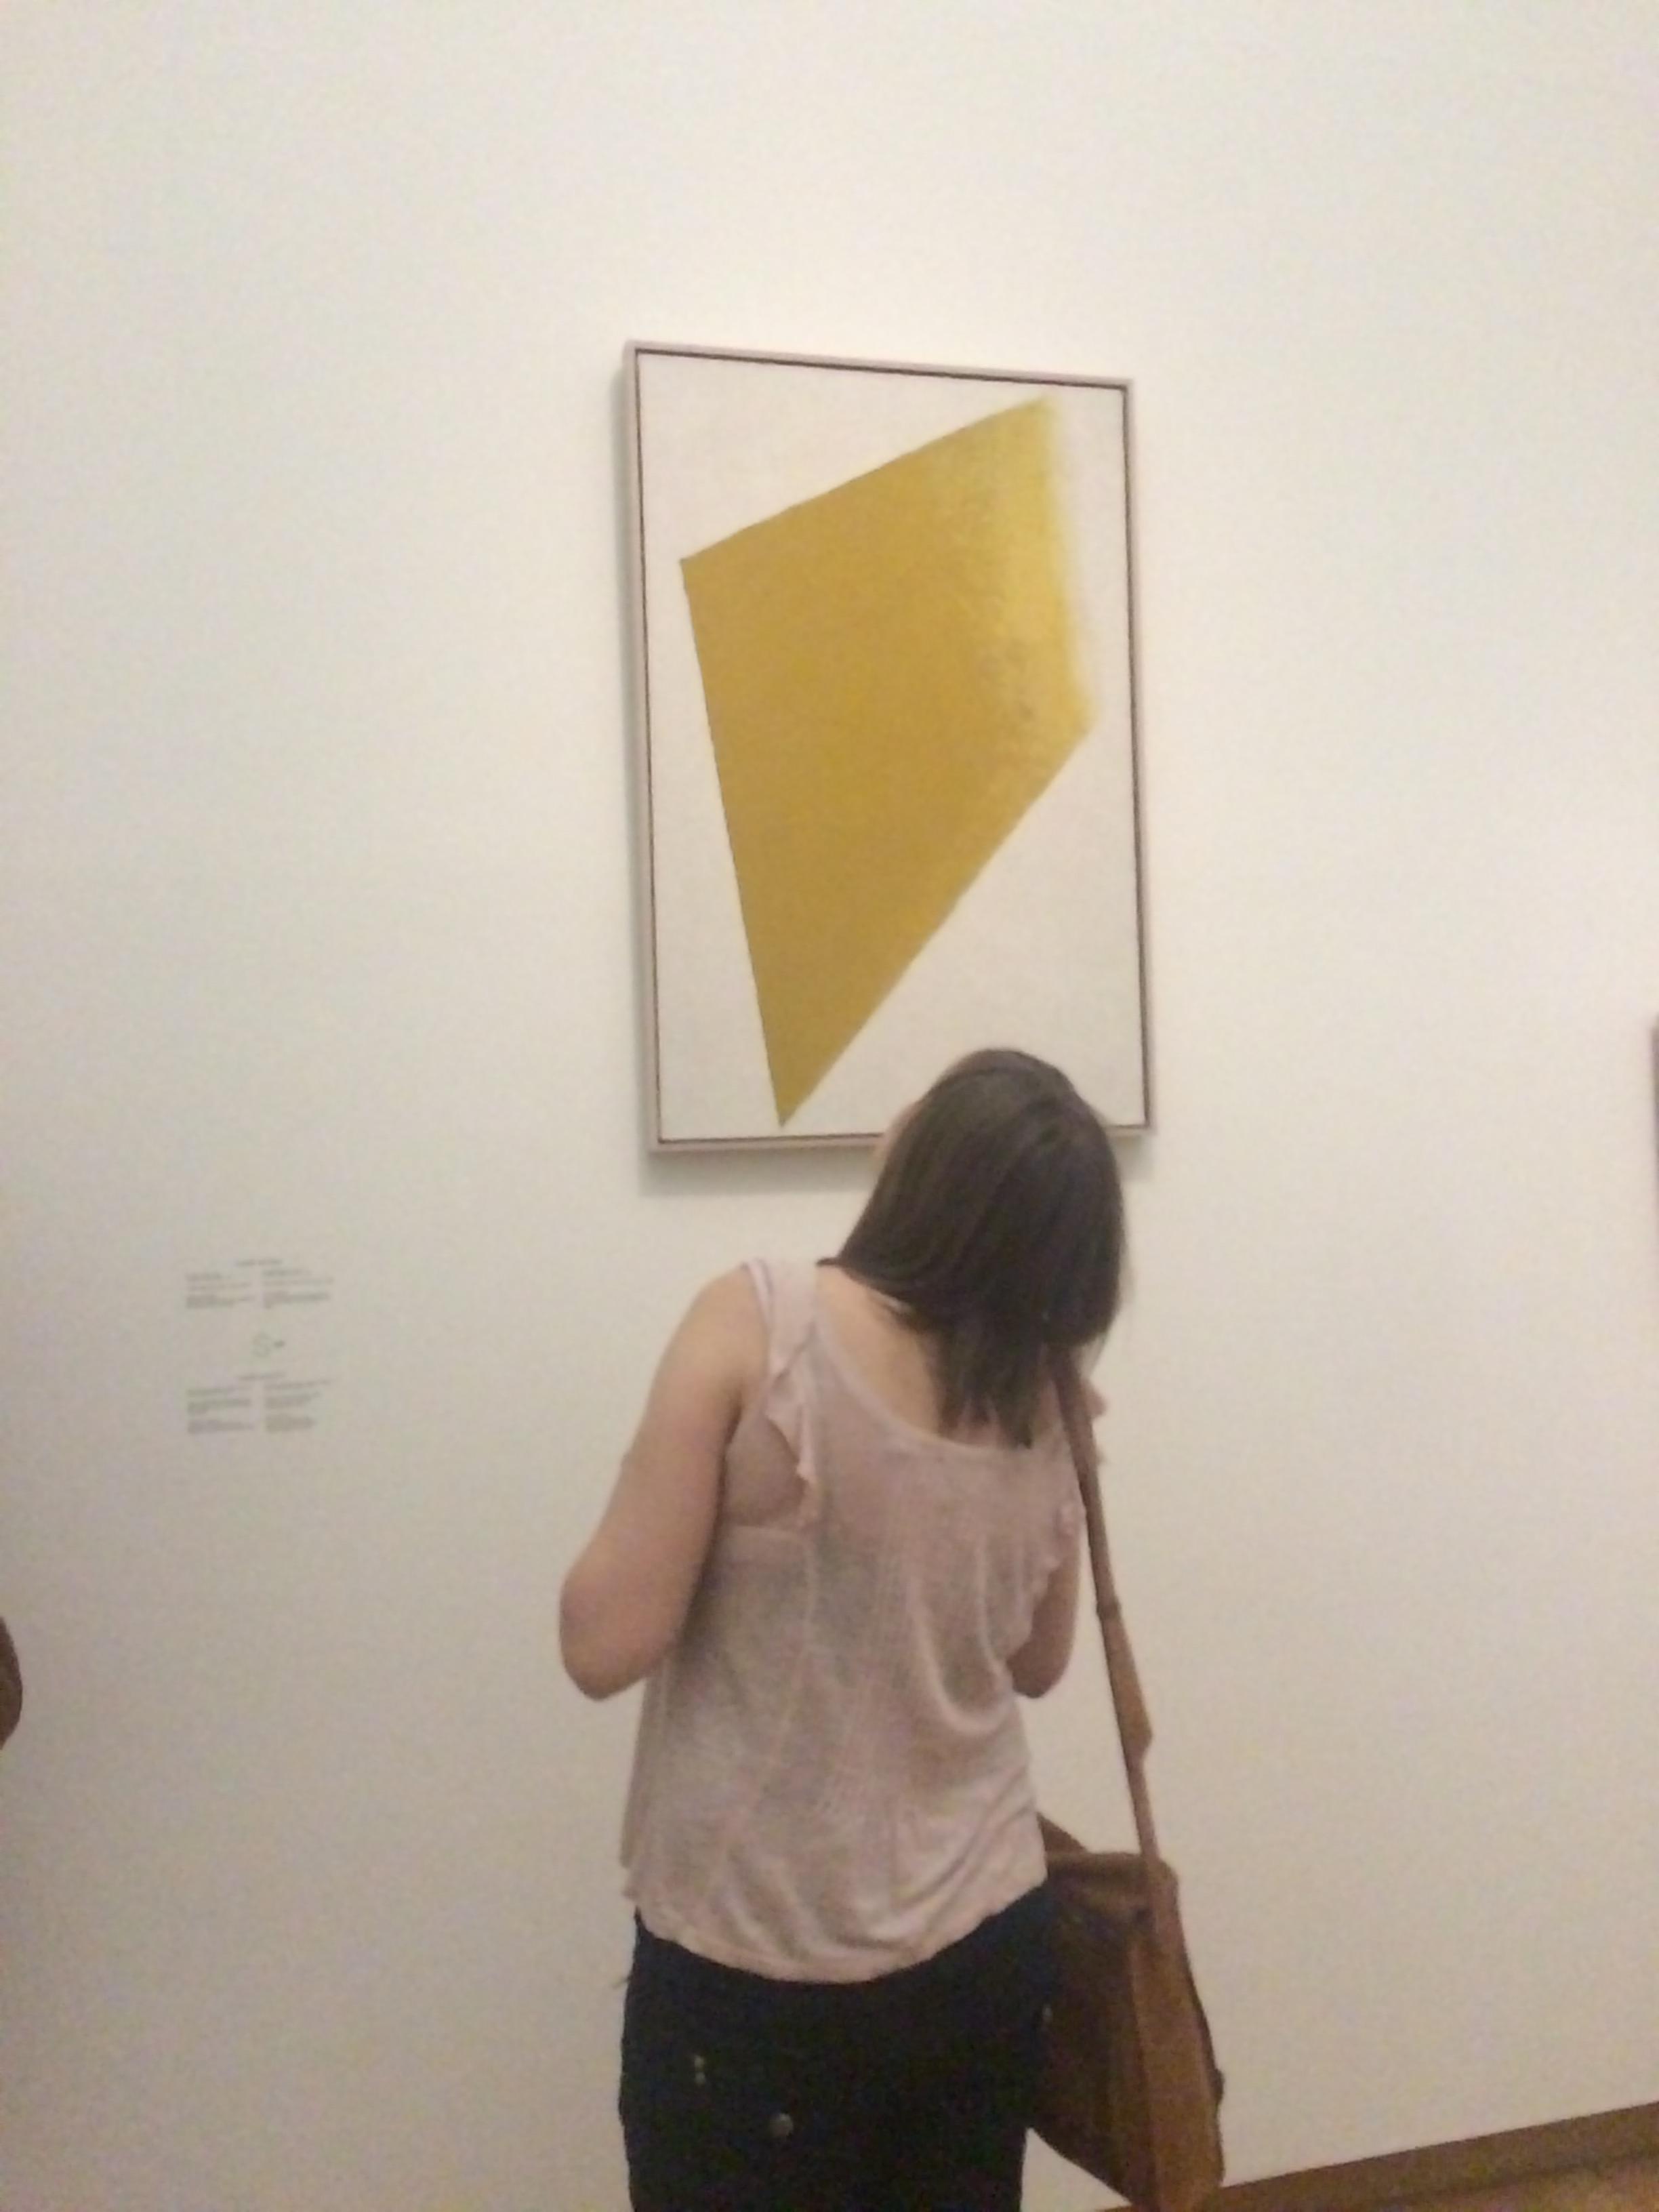 bezoeker in Stedelijk Museum - De Museumpodcast